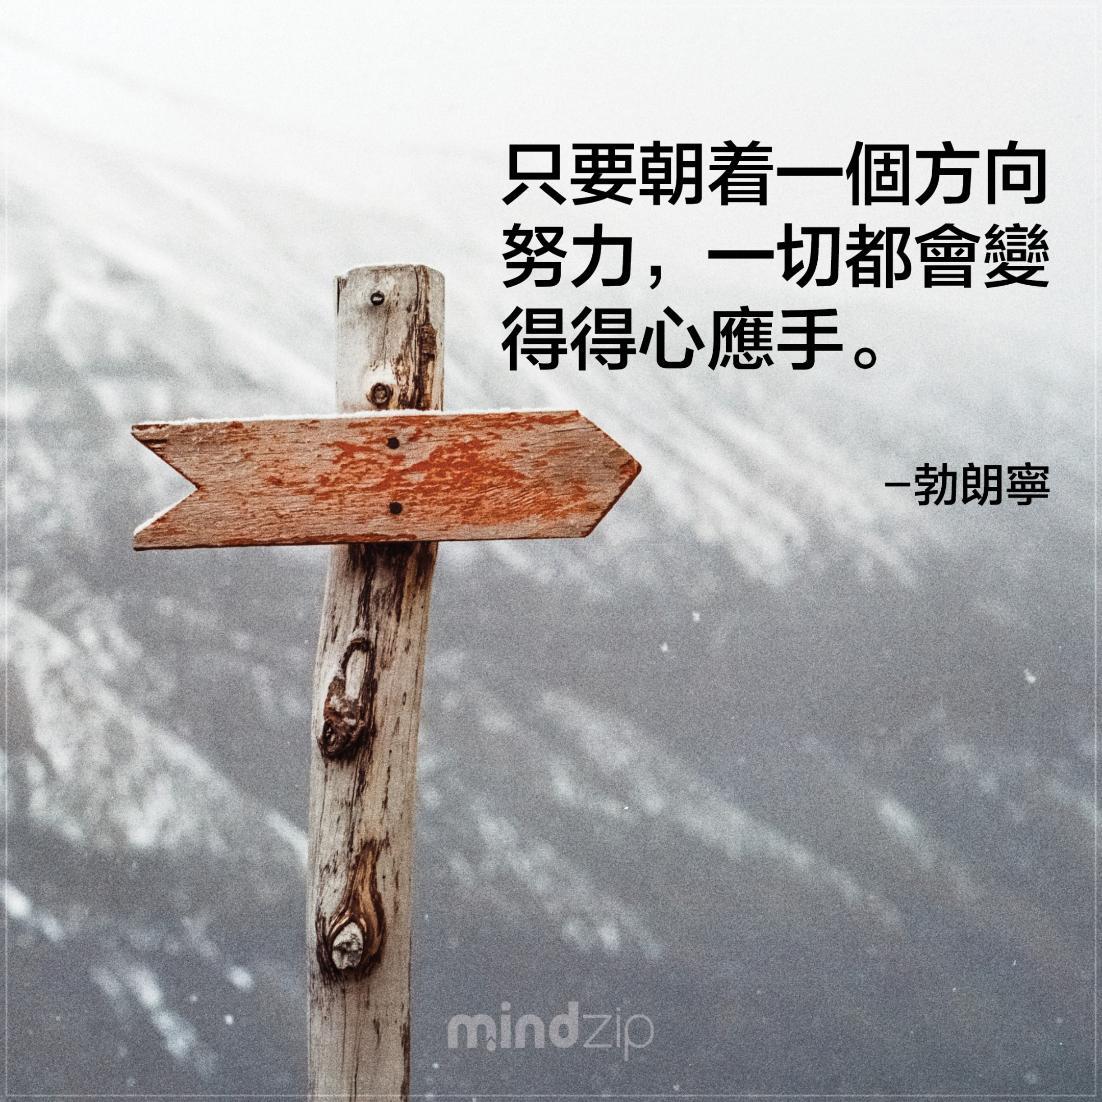 專注於一個目標,努力達成就會得心應手,你們同意嗎? 同意或不同意? https://get.mindzip.net #勃朗寧 #語錄 #語錄分享 #成功 #激勵人心 #生活 #努力 #得心應手 #人生 #正面能量 #每日一句 #CitaPix #MindZip